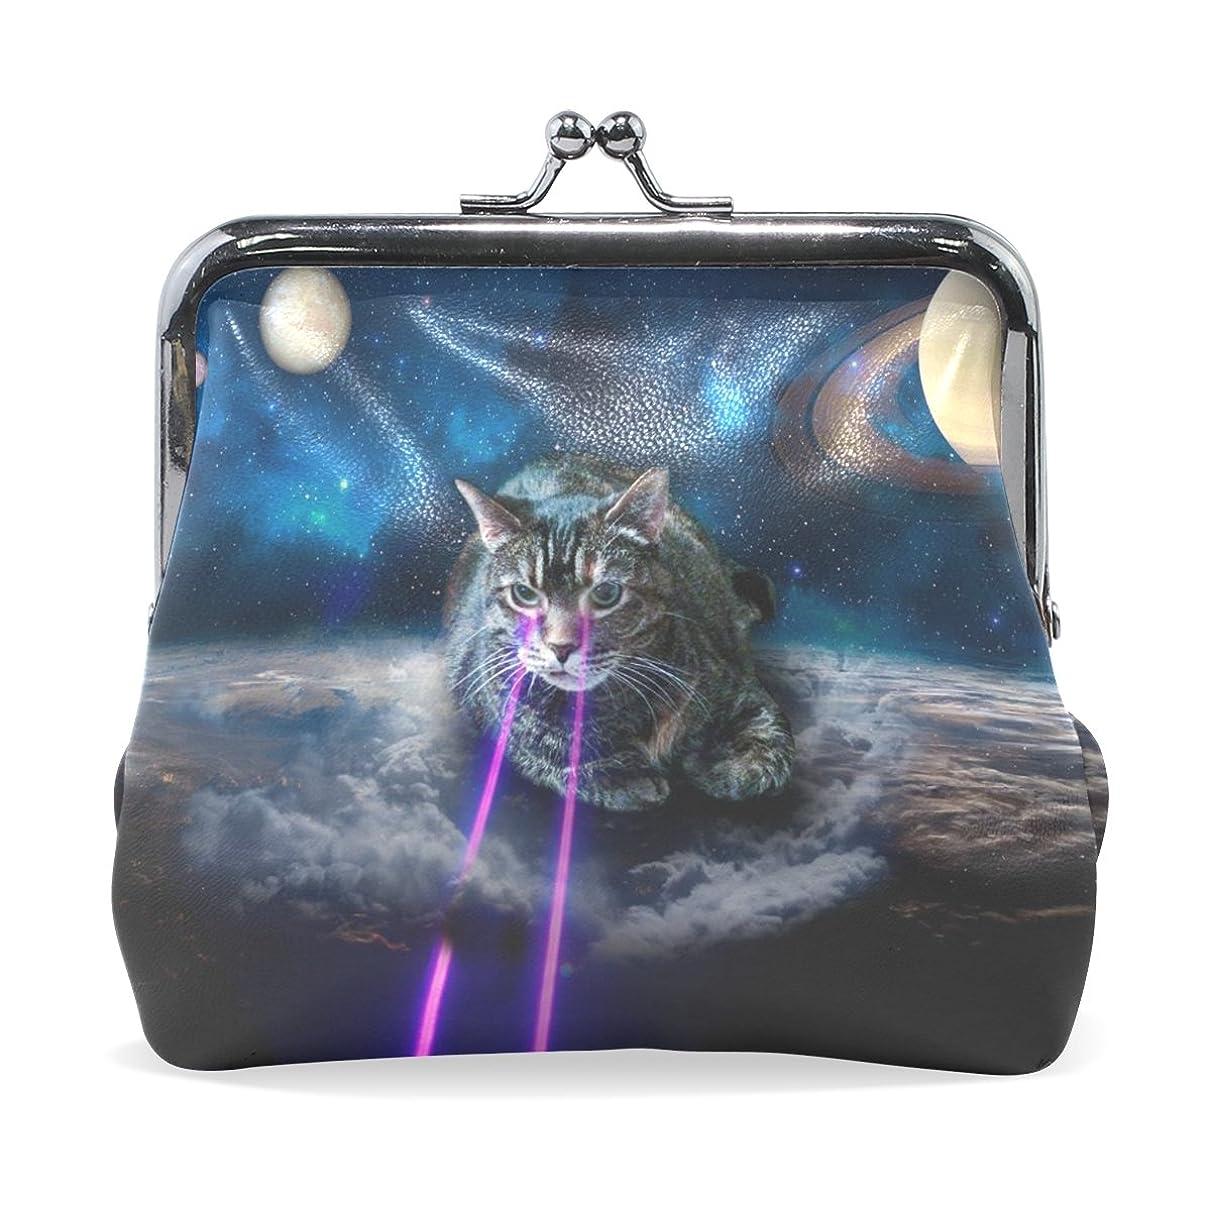 外交広告主マーケティングGORIRA(ゴリラ) 外星球 猫 レーザー 超繊レザー&木綿 財布 がま口式小銭入れ ミニがま口